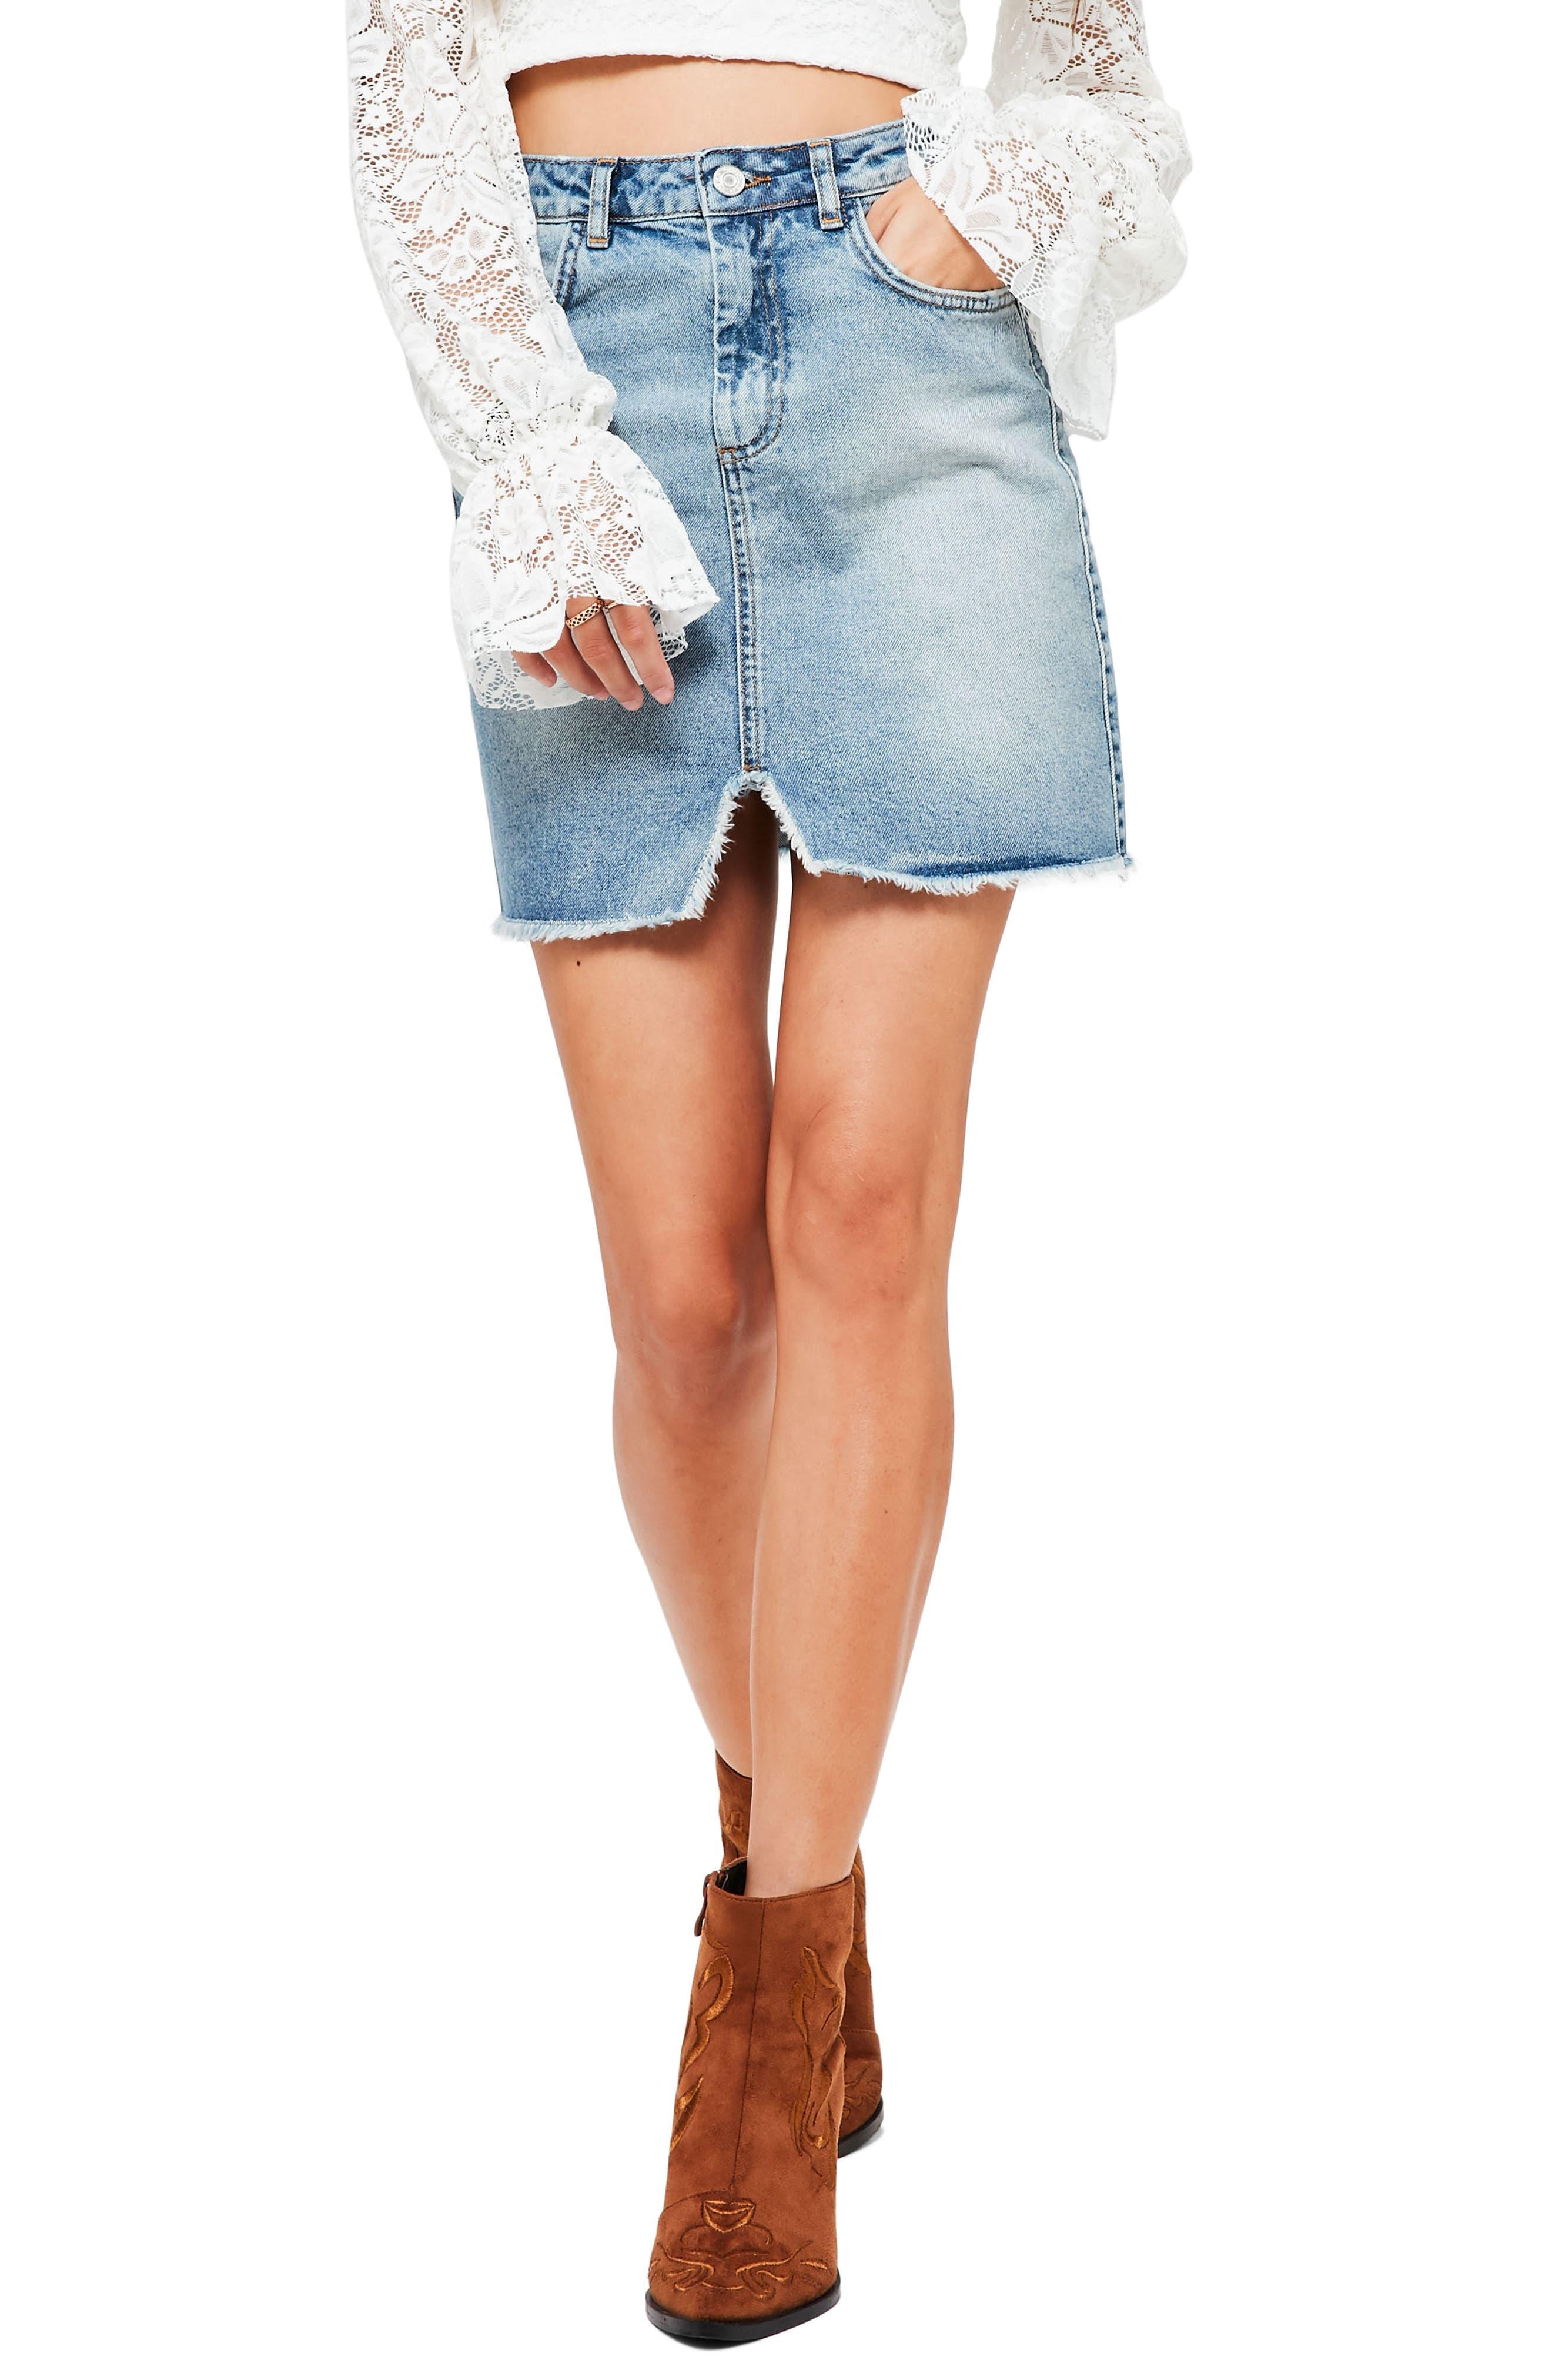 Alternate Image 1 Selected - Missguided High Rise Denim Miniskirt